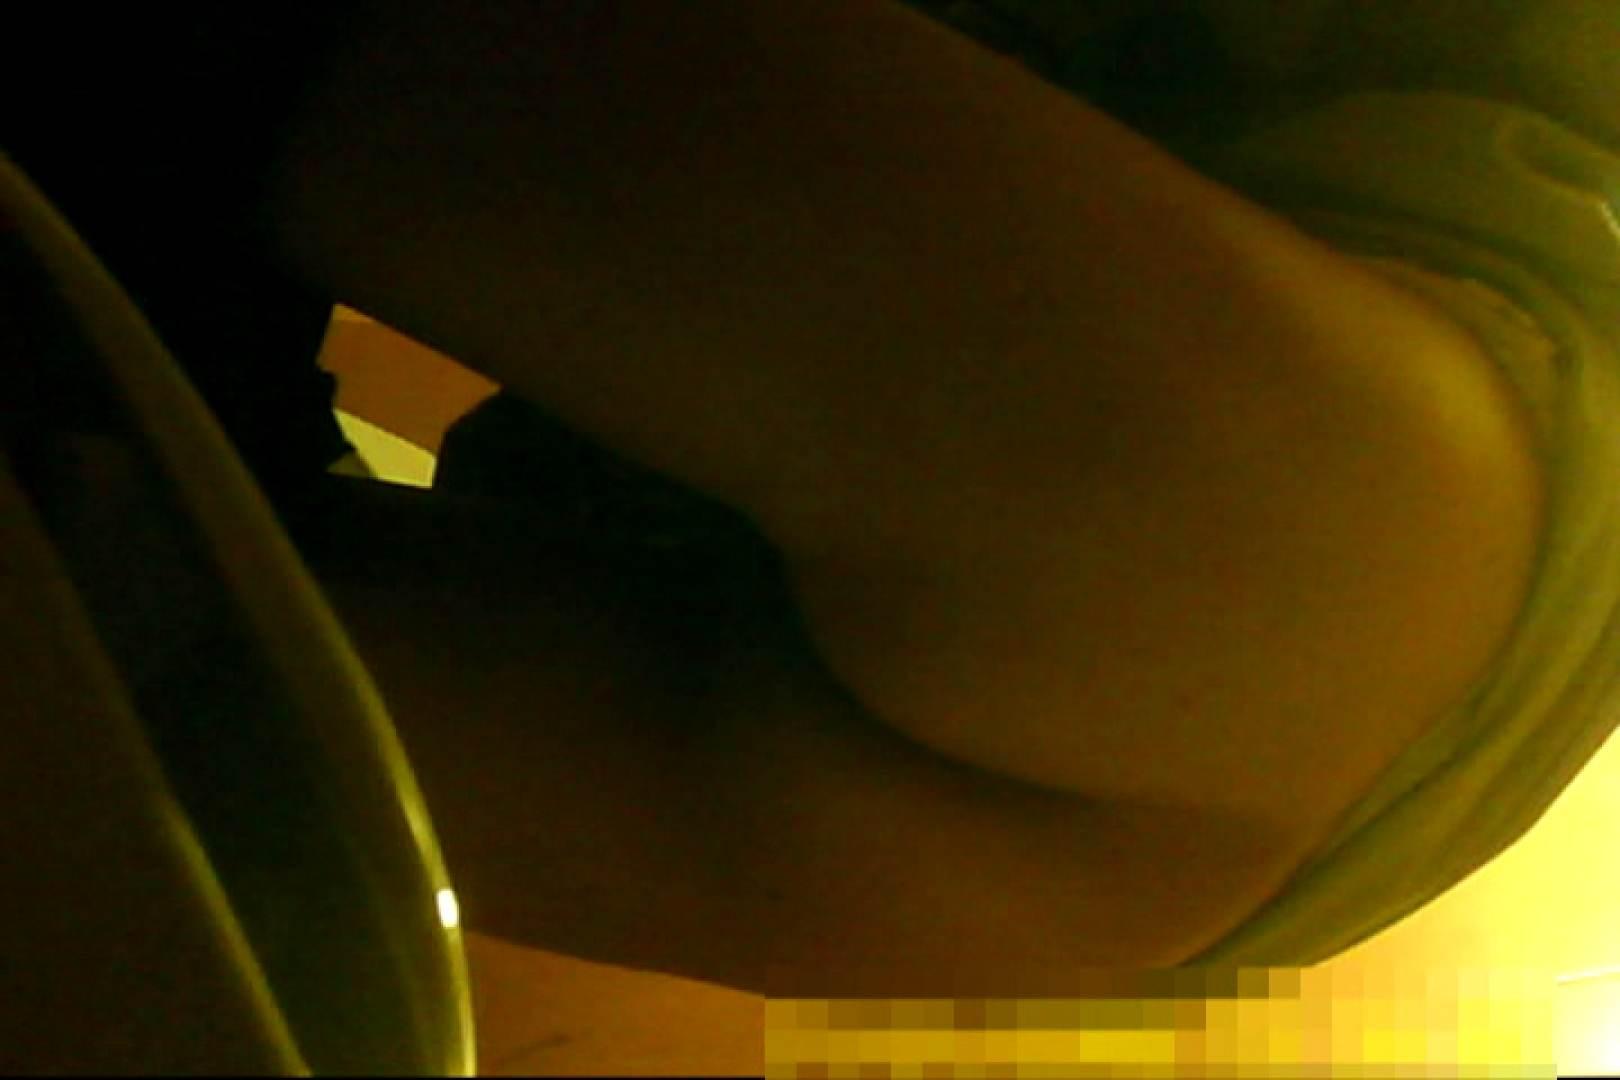 魅惑の化粧室~禁断のプライベート空間~29 プライベート   盗撮  92PIX 23